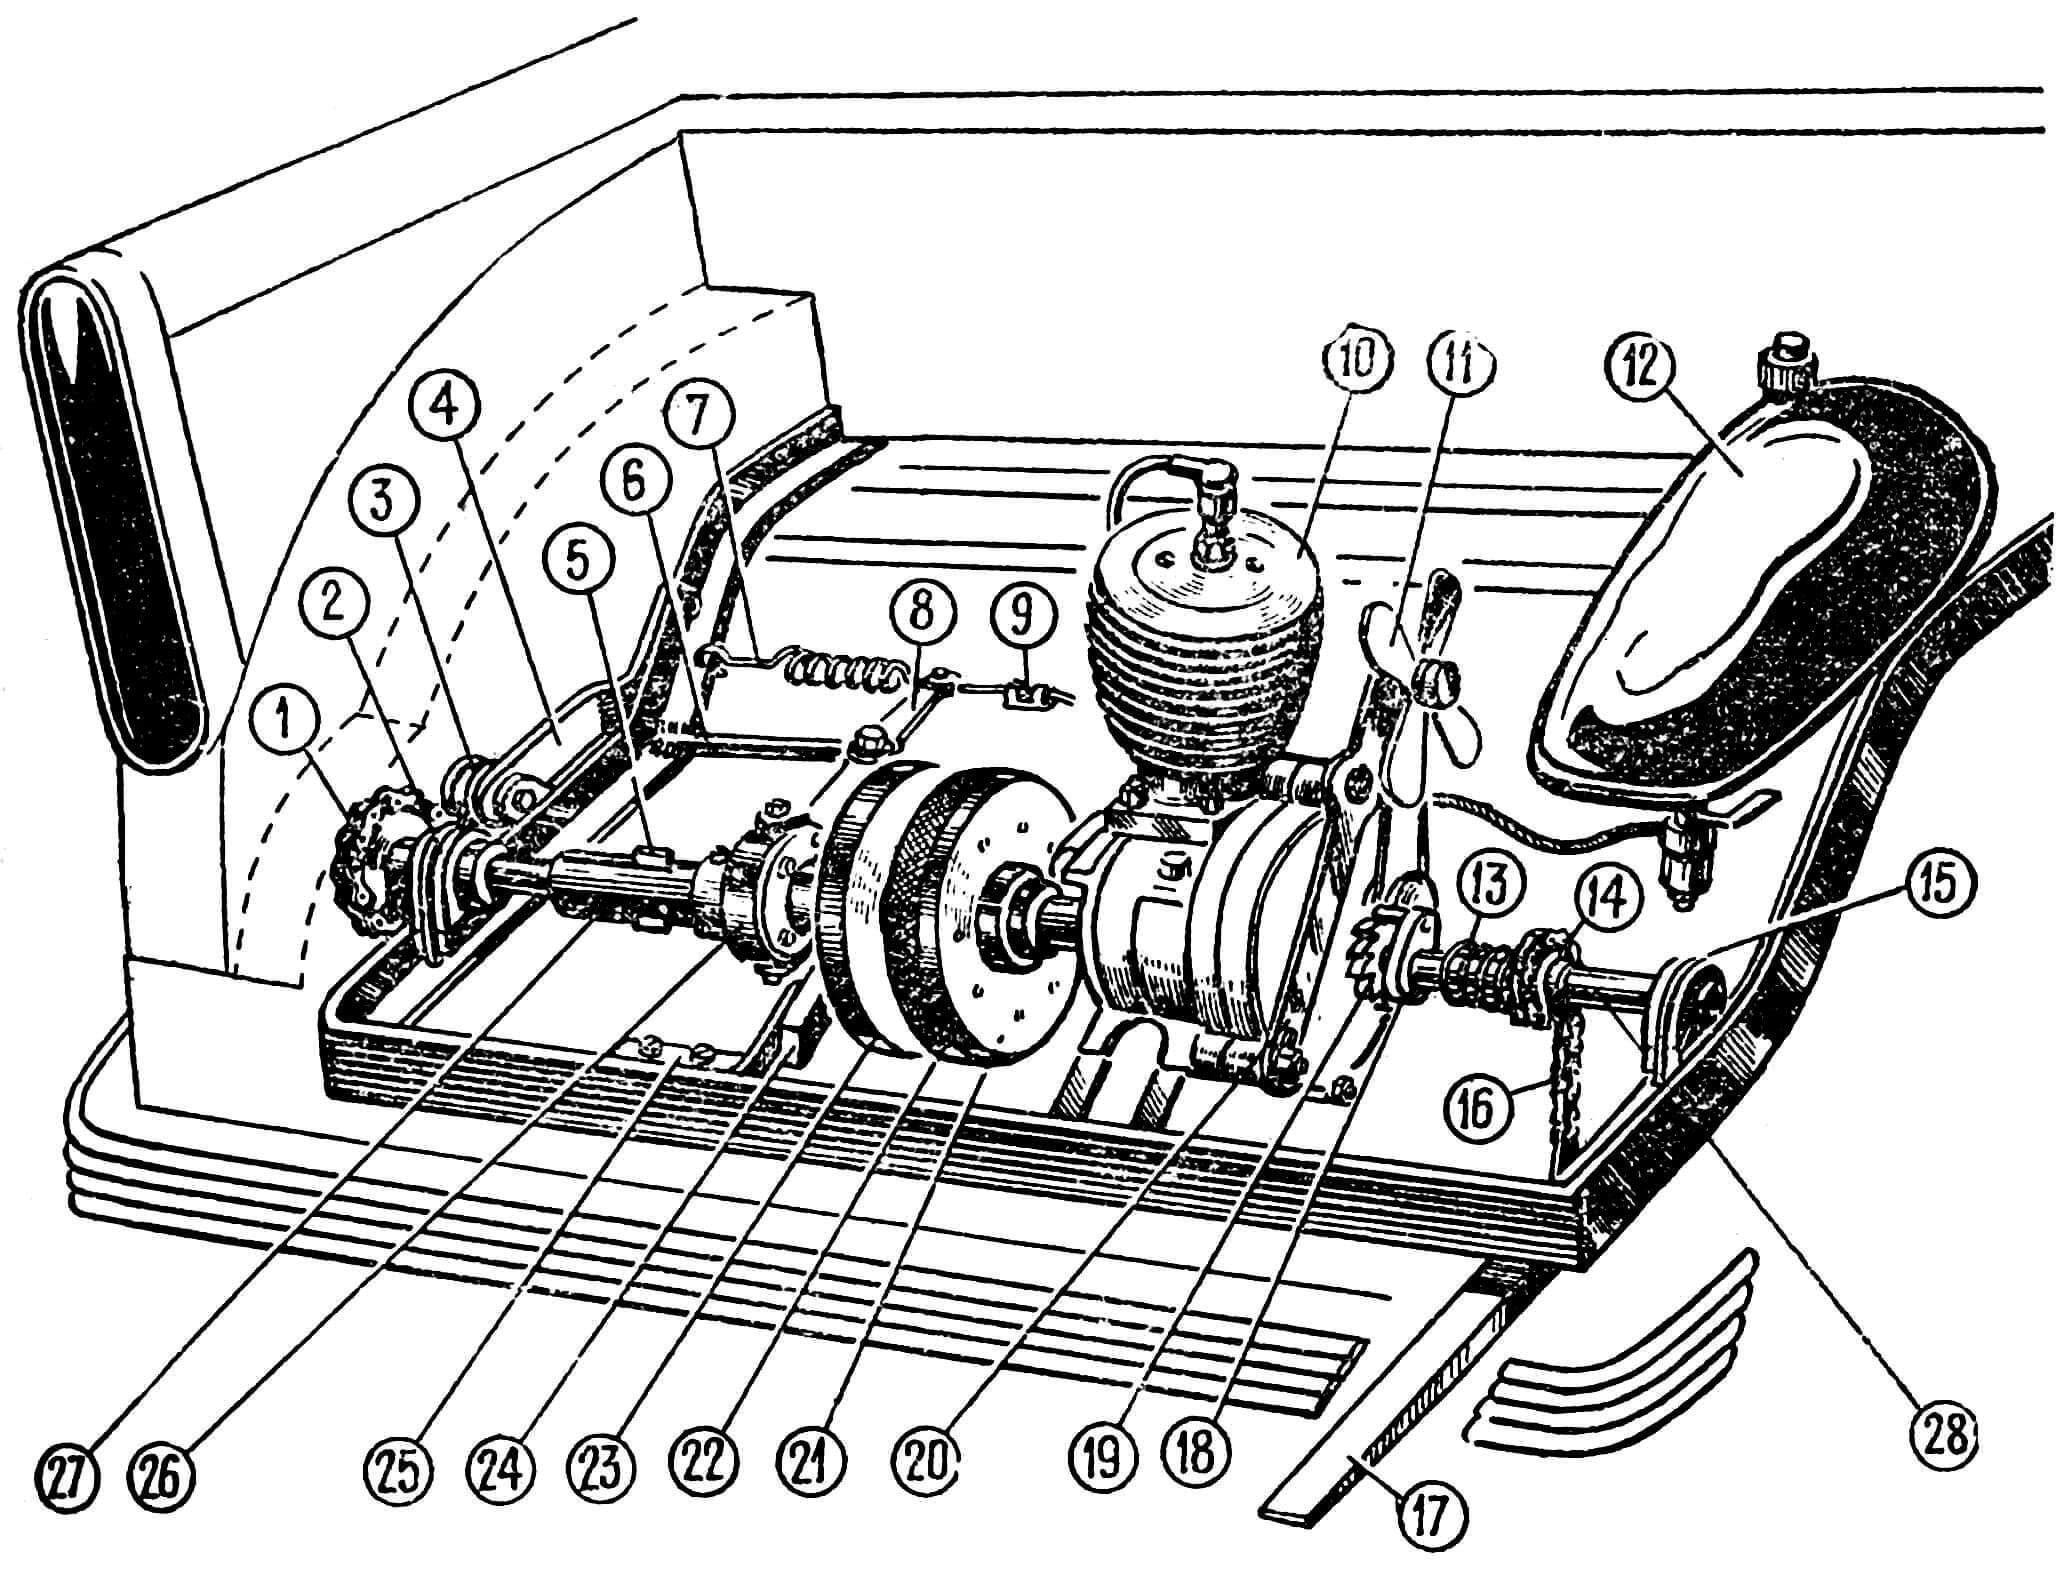 Рис. 4. Двигатель и тормозное устройство: 1— ведущая цепь; 2 — скоба крепления подшипника ведущего вала; 3 — натяжной ролик; 4 — кронштейн натяжного ролика; 5 — шпонка ведущего вала; 6 — кронштейн вилки переключения; 7 — возвратная пружина; 8 — вилка управления сцеплением; 9 — упор троса сцепления; 10 — двигатель Д-4; 11 — вентилятор; 12 — бензобак; 13 — возвратная пружина стартера; 14 — звездочка стартера (Z=12); 15 — скоба крепления подшипника пускового вала; 16 — цепь стартера; 17 — педаль стартера; 18 — сектор собачки стартера; 19 — храповик стартера; 20 — кронштейн вентилятора; 21 — ведущий диск; 22 — дисковая прокладка из твердой резины; 23 — ведомый диск; 24 — тормозная колодка из твердой резины; 25 — лапка тормозной колодки; 26 — чашка выжимного подшипника; 27 — скользящая втулка сцепления; 28 — валик стартера.